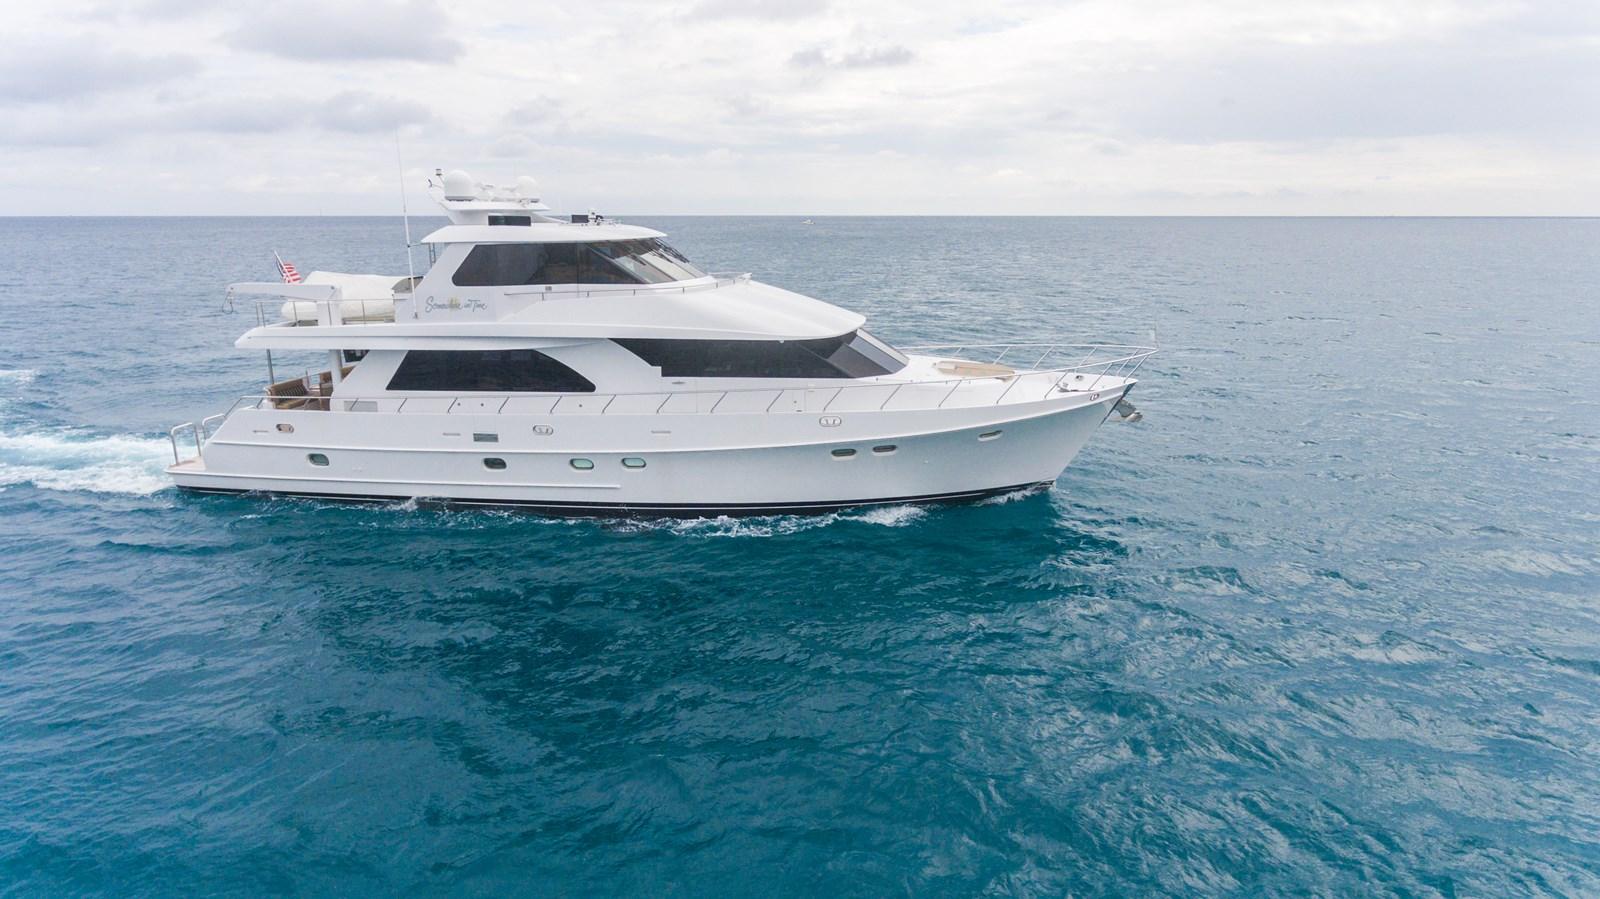 SOMEWHERE_IN_TIME_HI_RES-0003-credit Quin BISSET 2005 OCEAN ALEXANDER  Motor Yacht 2927598